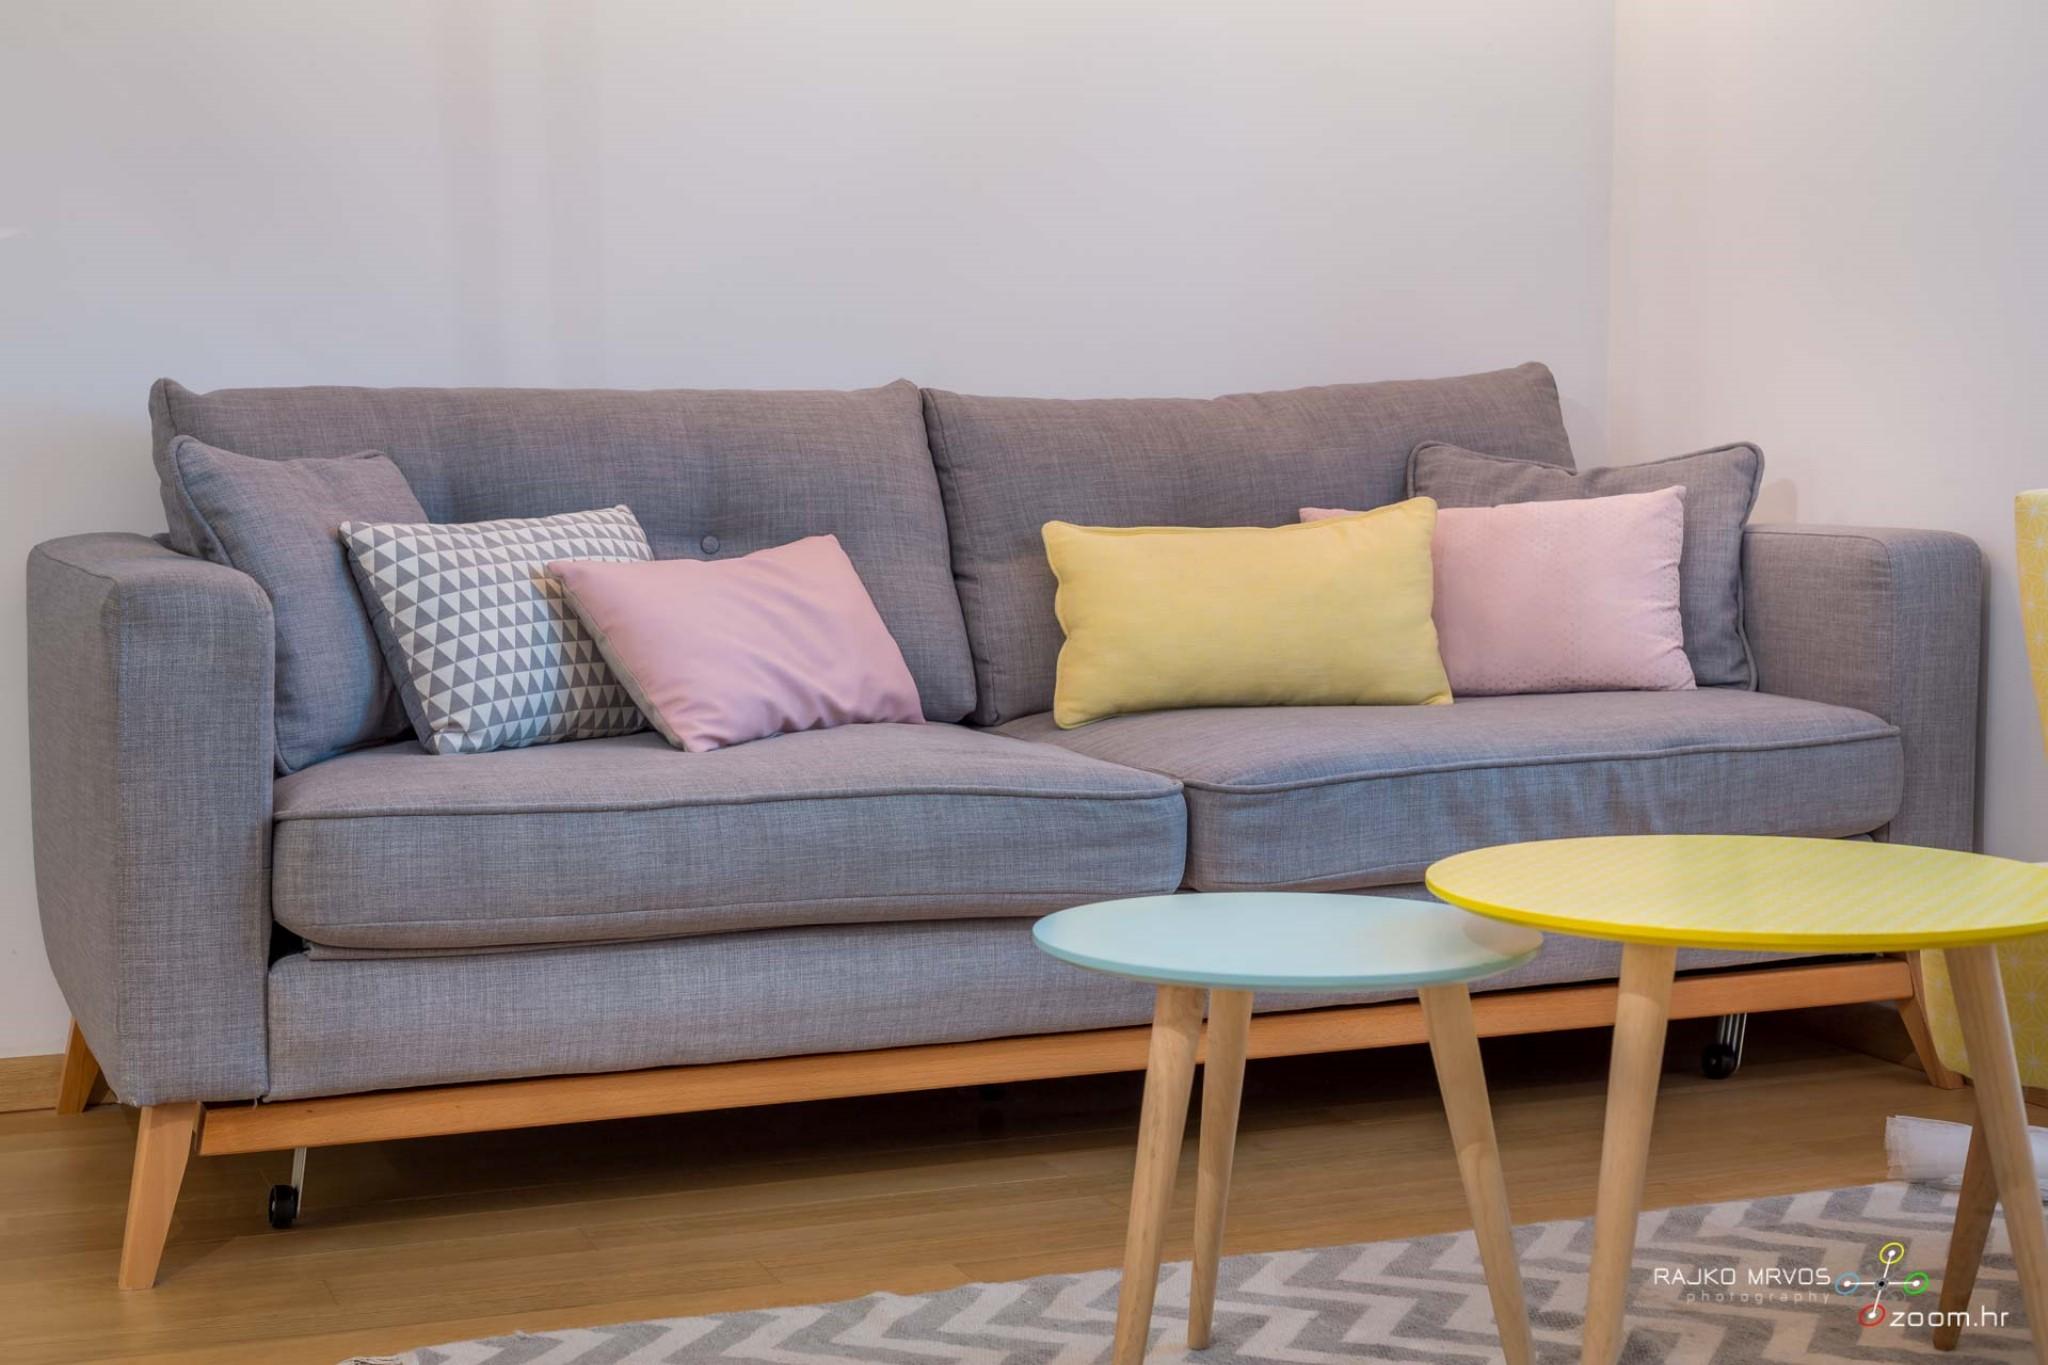 fotograf-interijera-fotograf-eksterijera-slikanje-apartmana-Central-Rijeka-Apartments-6